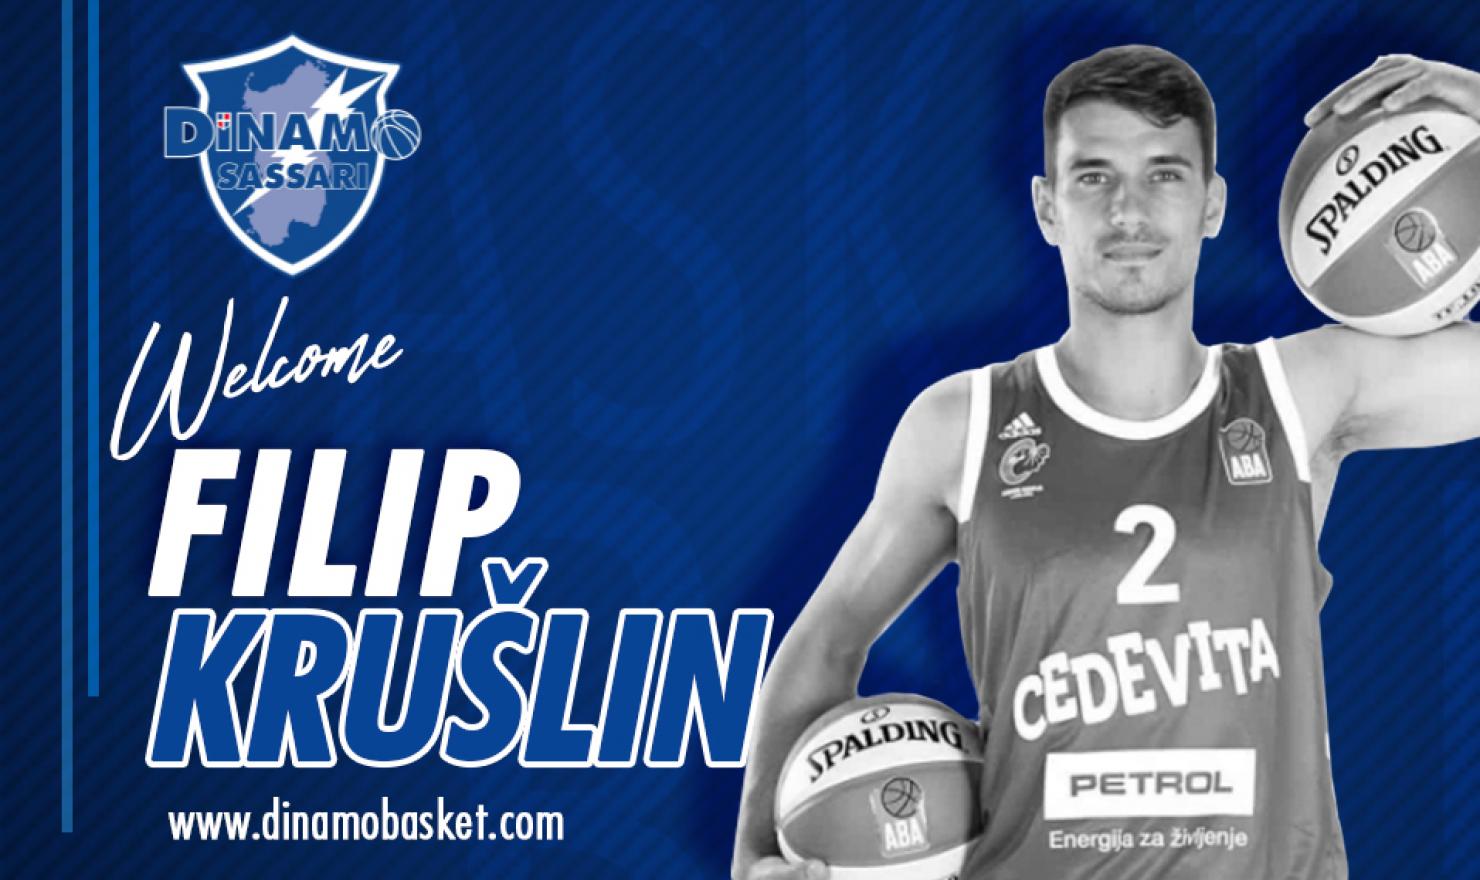 Ufficiale: Filip Kruslin è della Dinamo Sassari